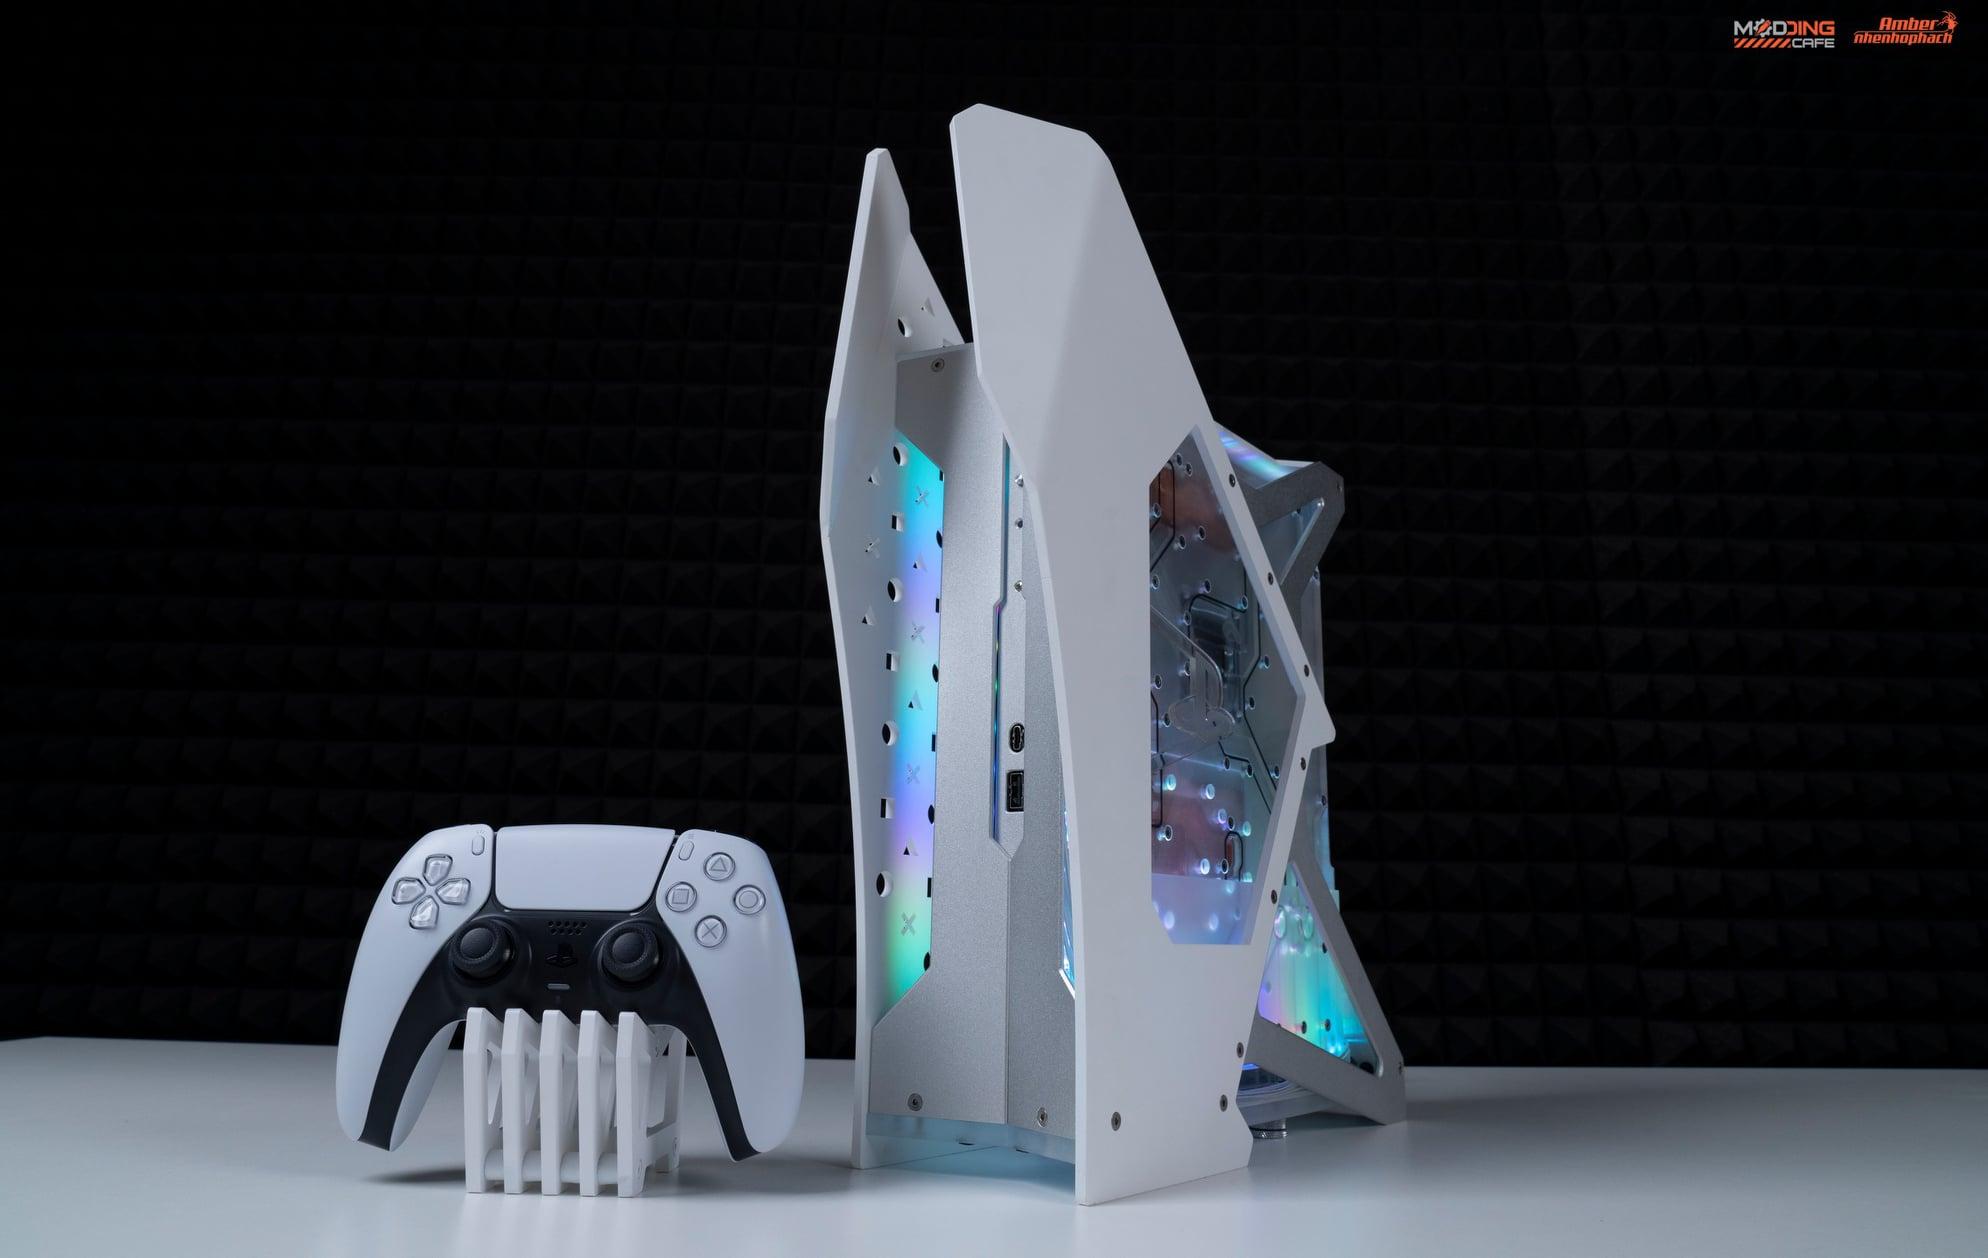 Độc đáo PS5 với tản nhiệt nước của Nhenhophach